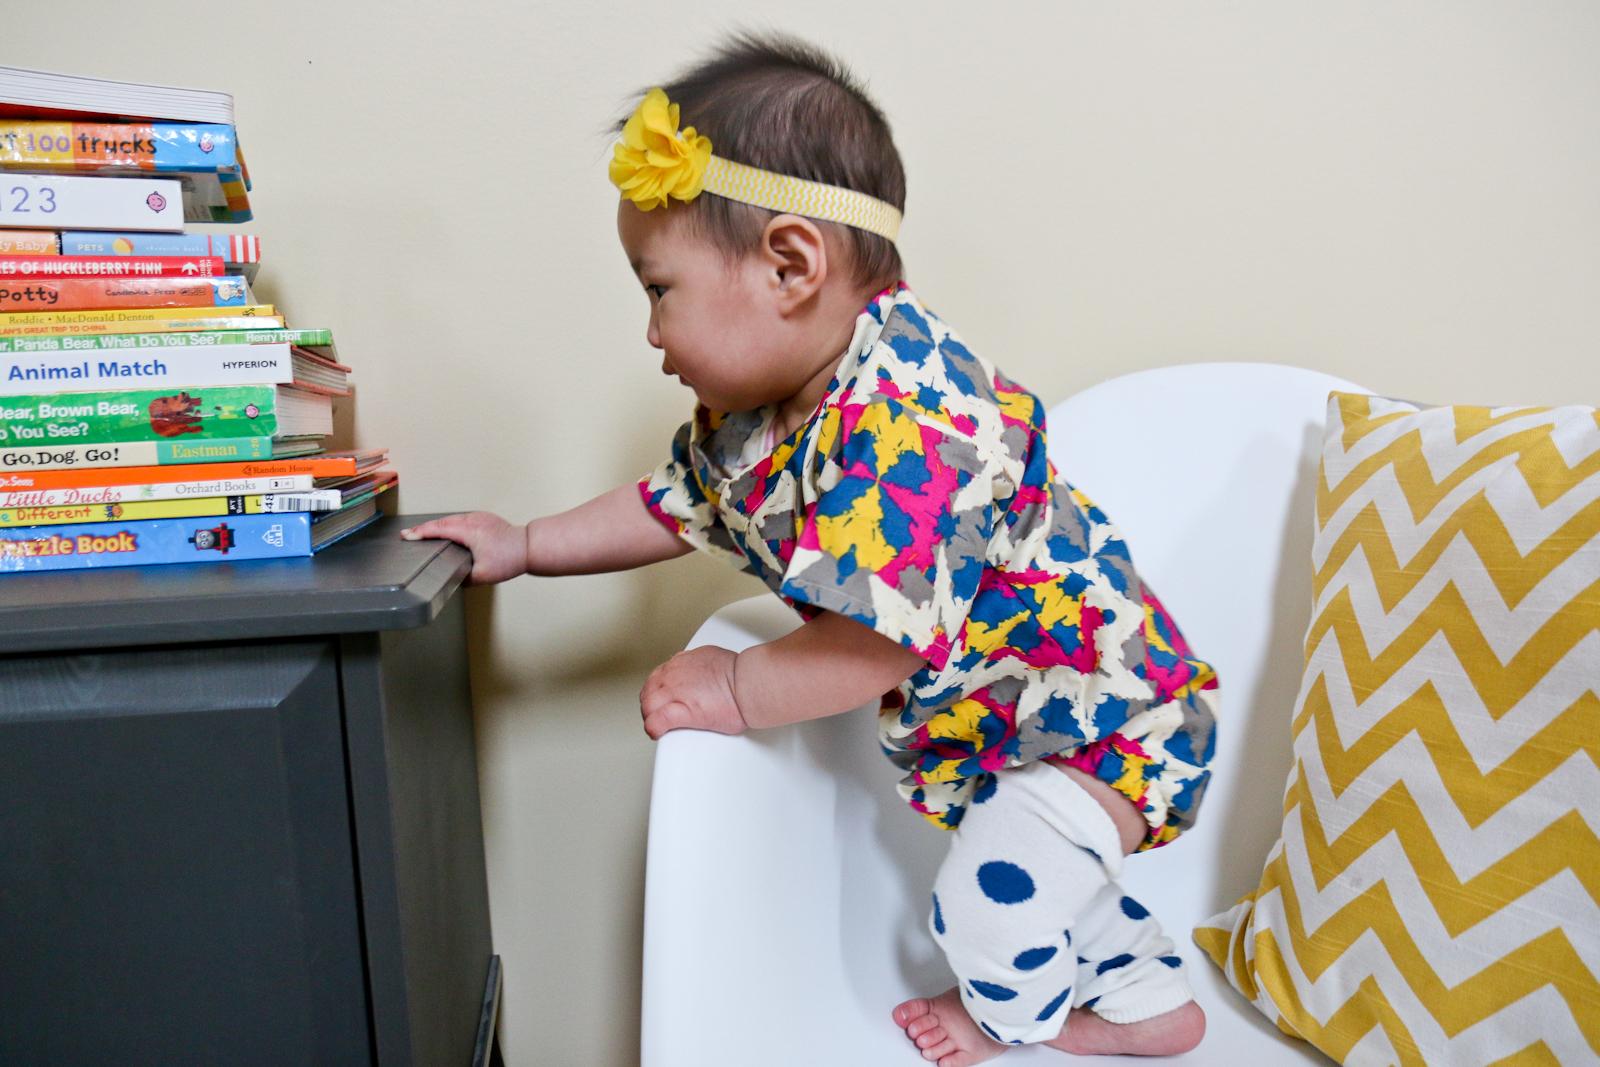 Sandy a la Mode | 8 Month Baby Girl Wearing Koolmono